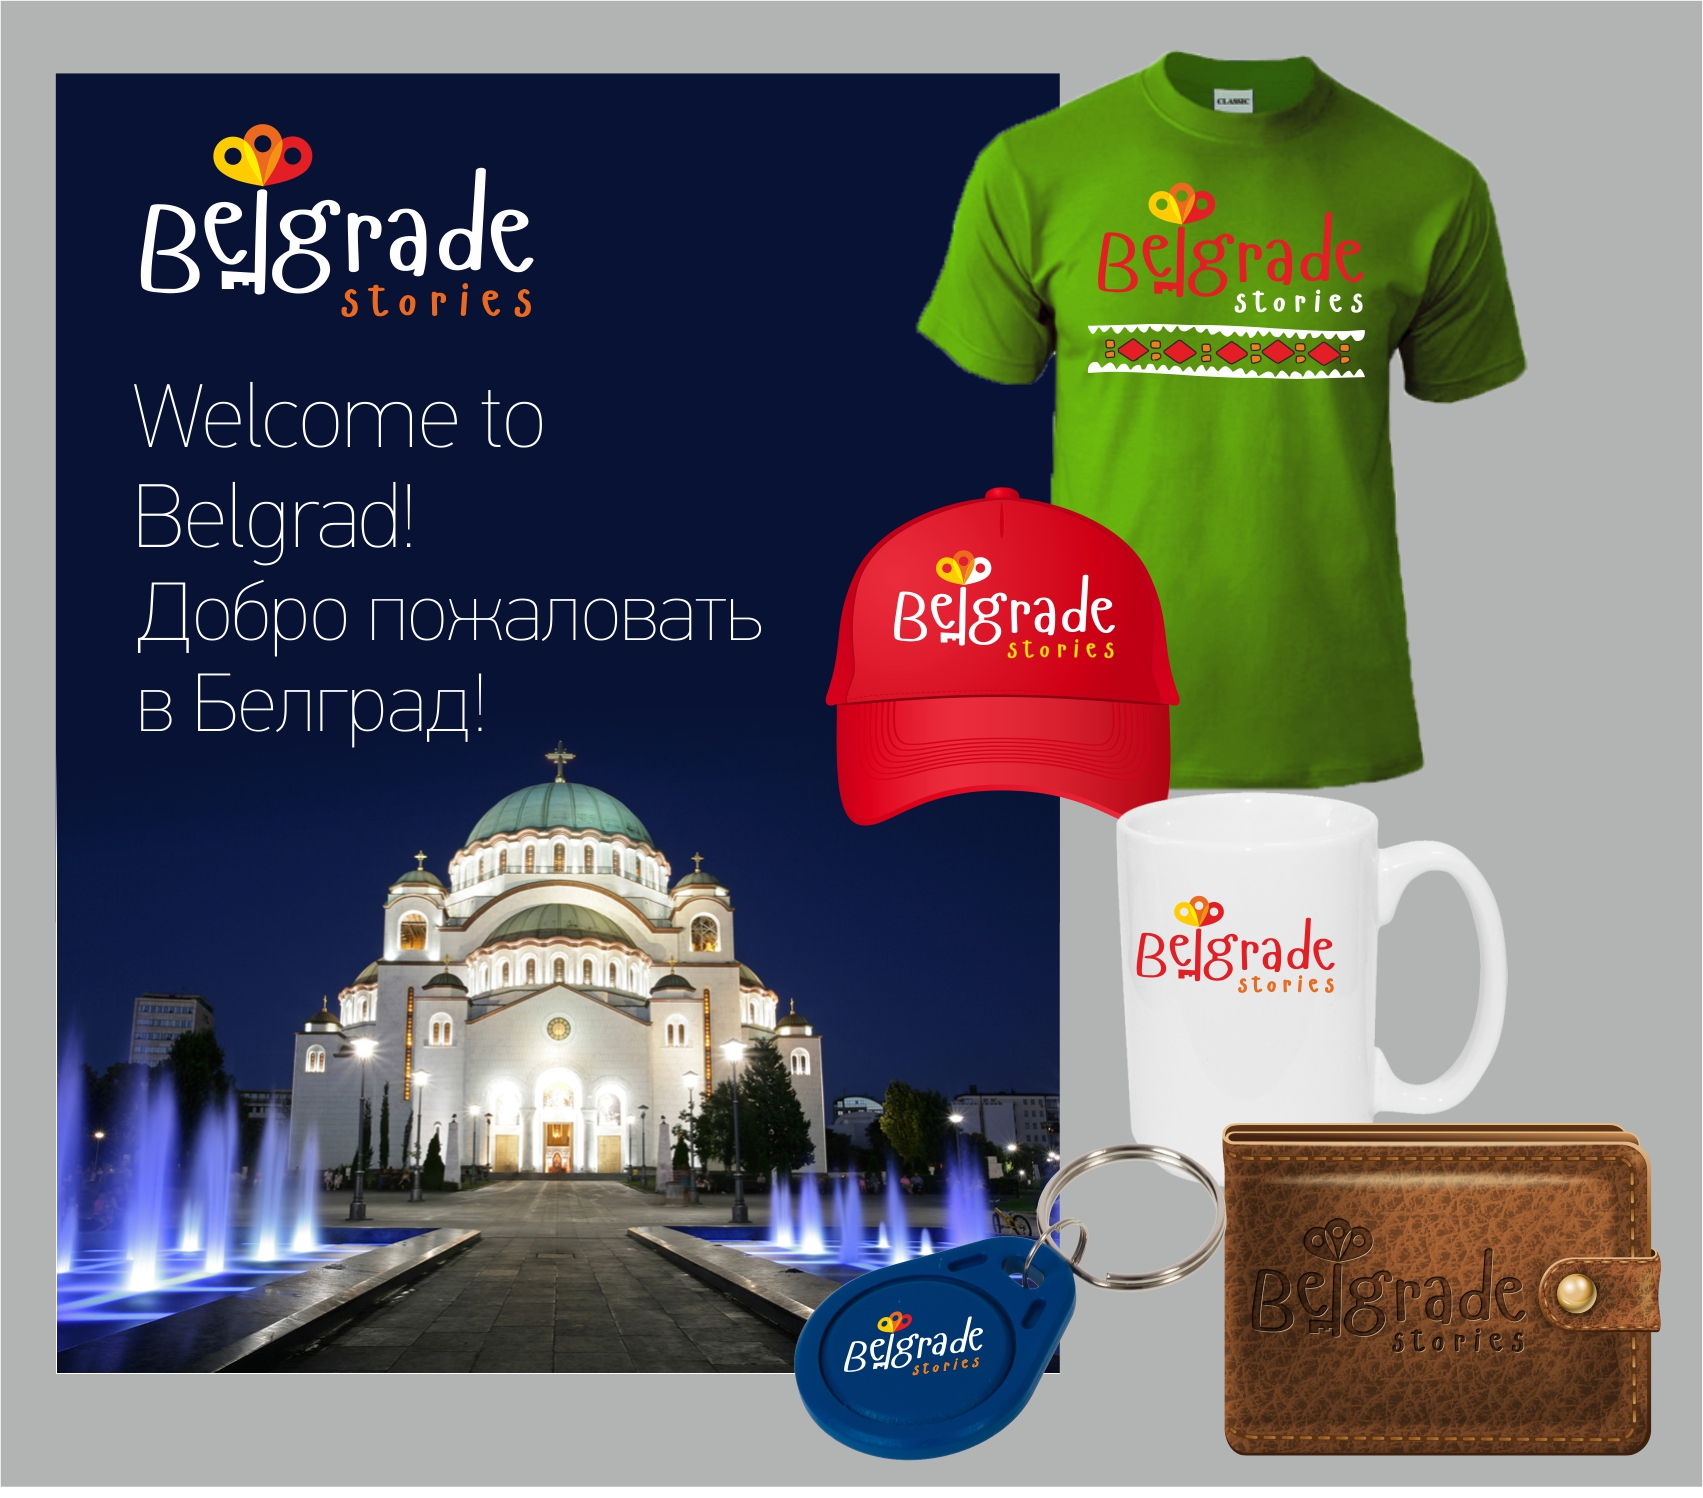 Логотип для агентства городских туров в Белграде фото f_6685895e26604924.jpg